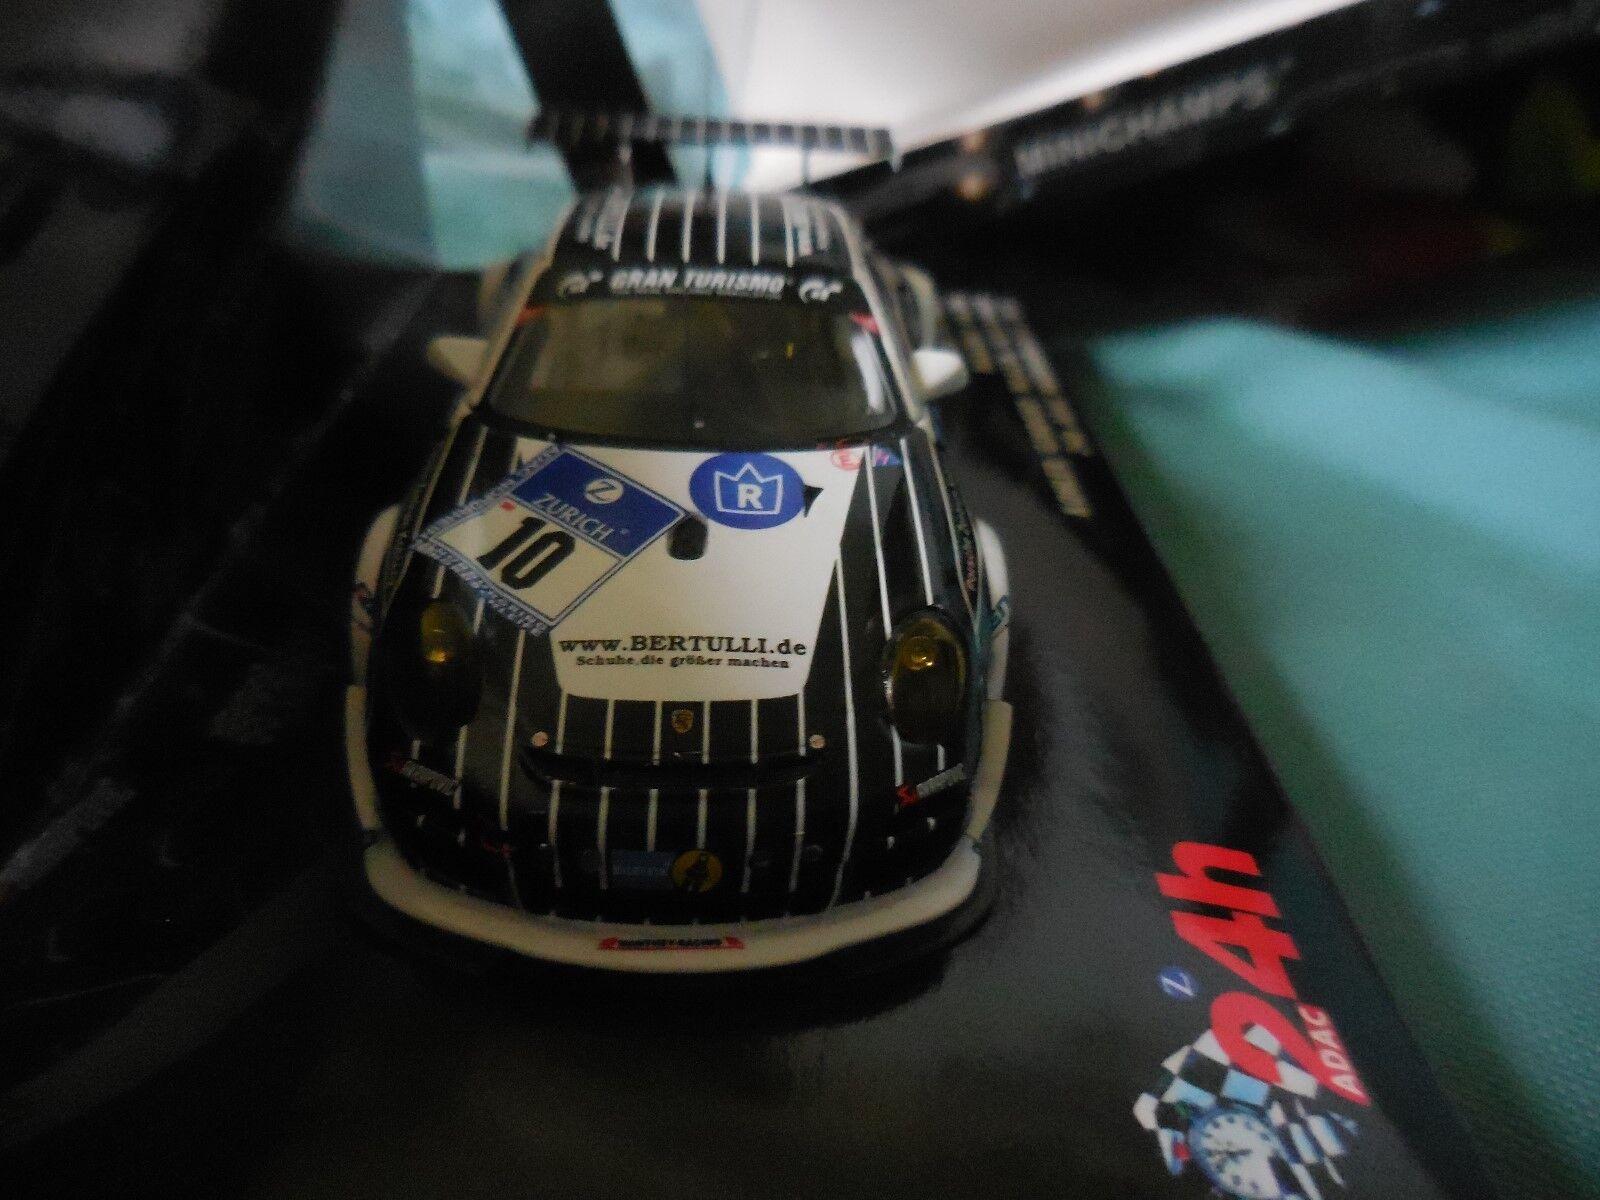 1 43 PORSCHE PORSCHE PORSCHE 911 GT3 R  10 MANTHEY 24H NURBURGRING 2011 MINICHAMPS 5ff821